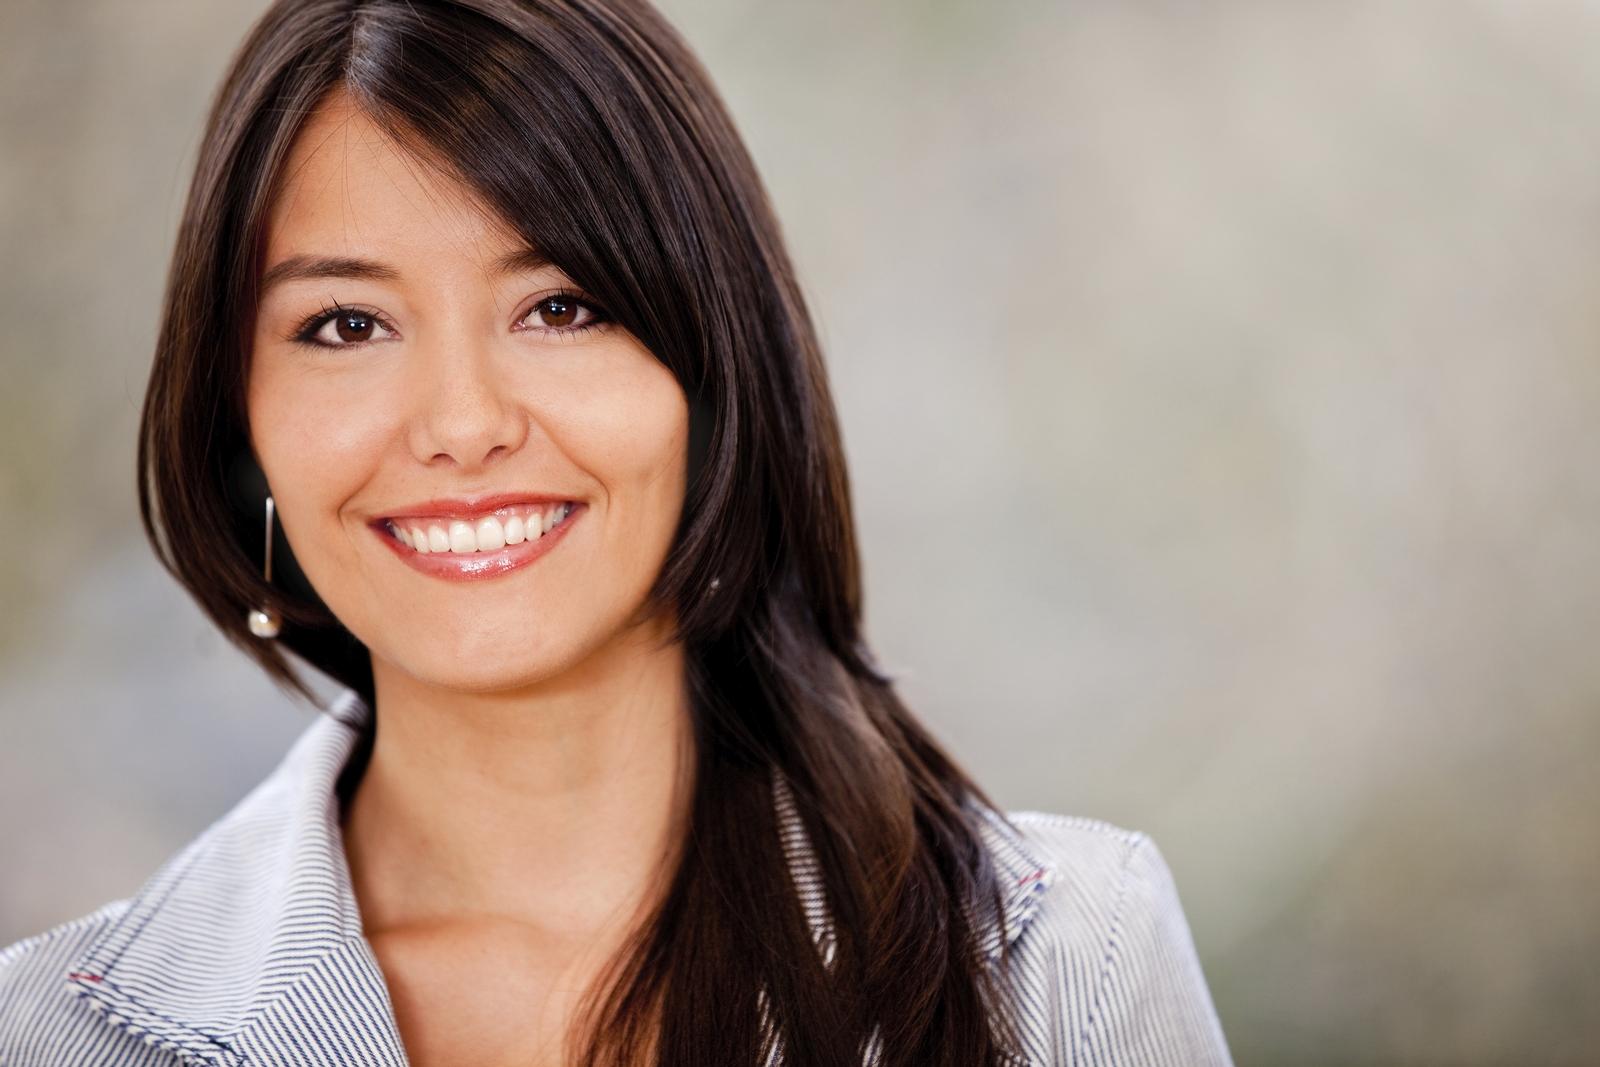 Woman-smiling_Veer1